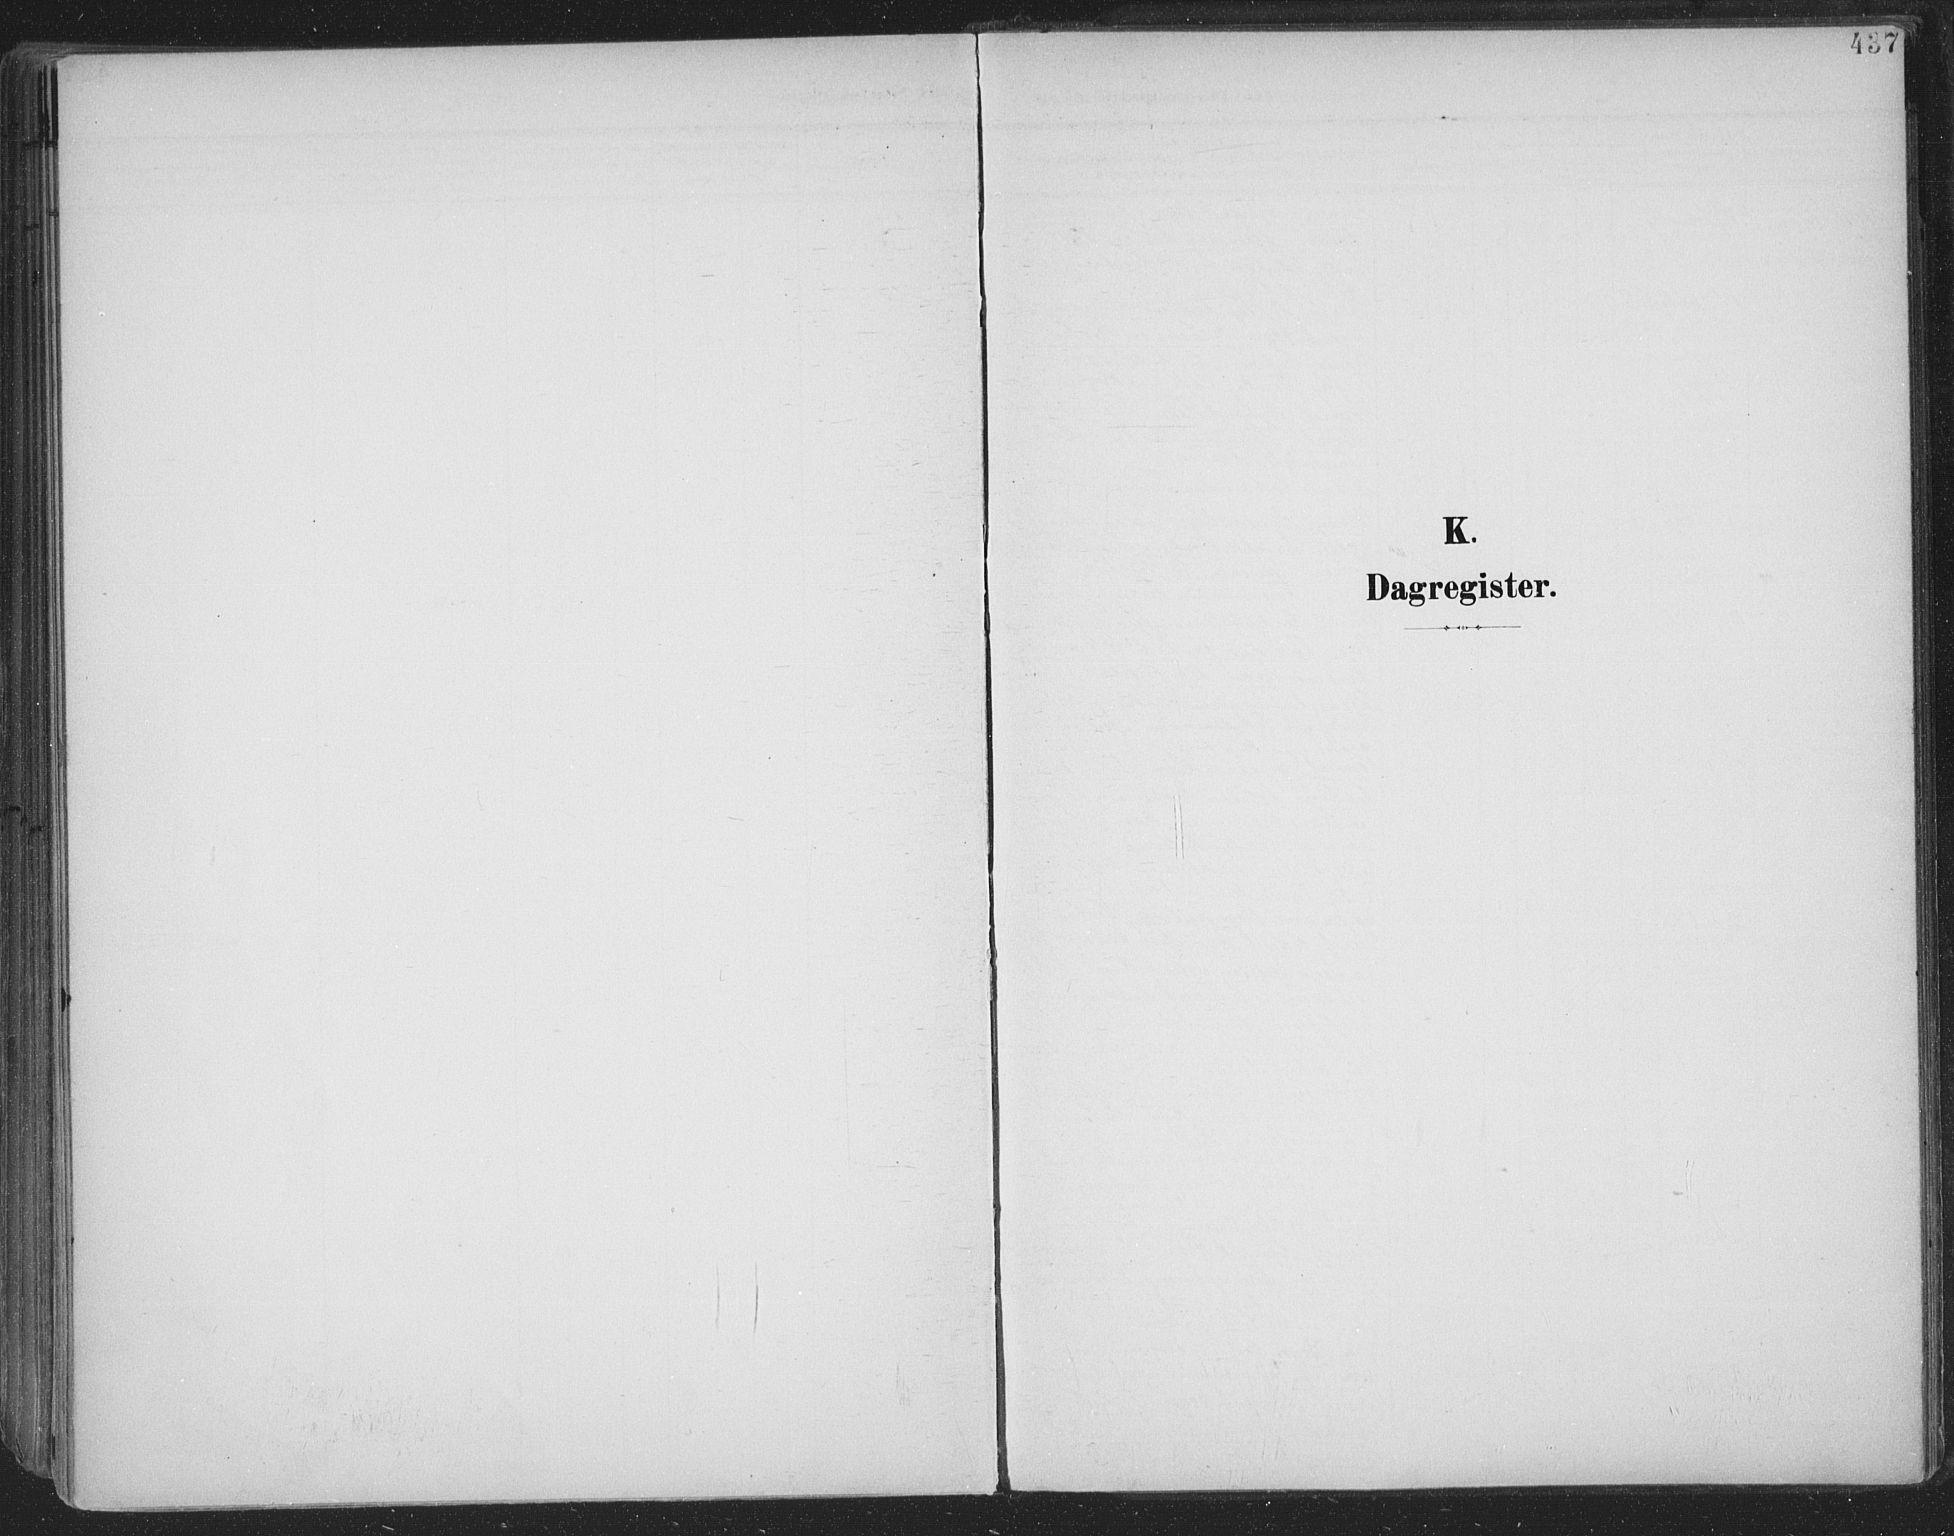 SAKO, Skien kirkebøker, F/Fa/L0011: Ministerialbok nr. 11, 1900-1907, s. 437